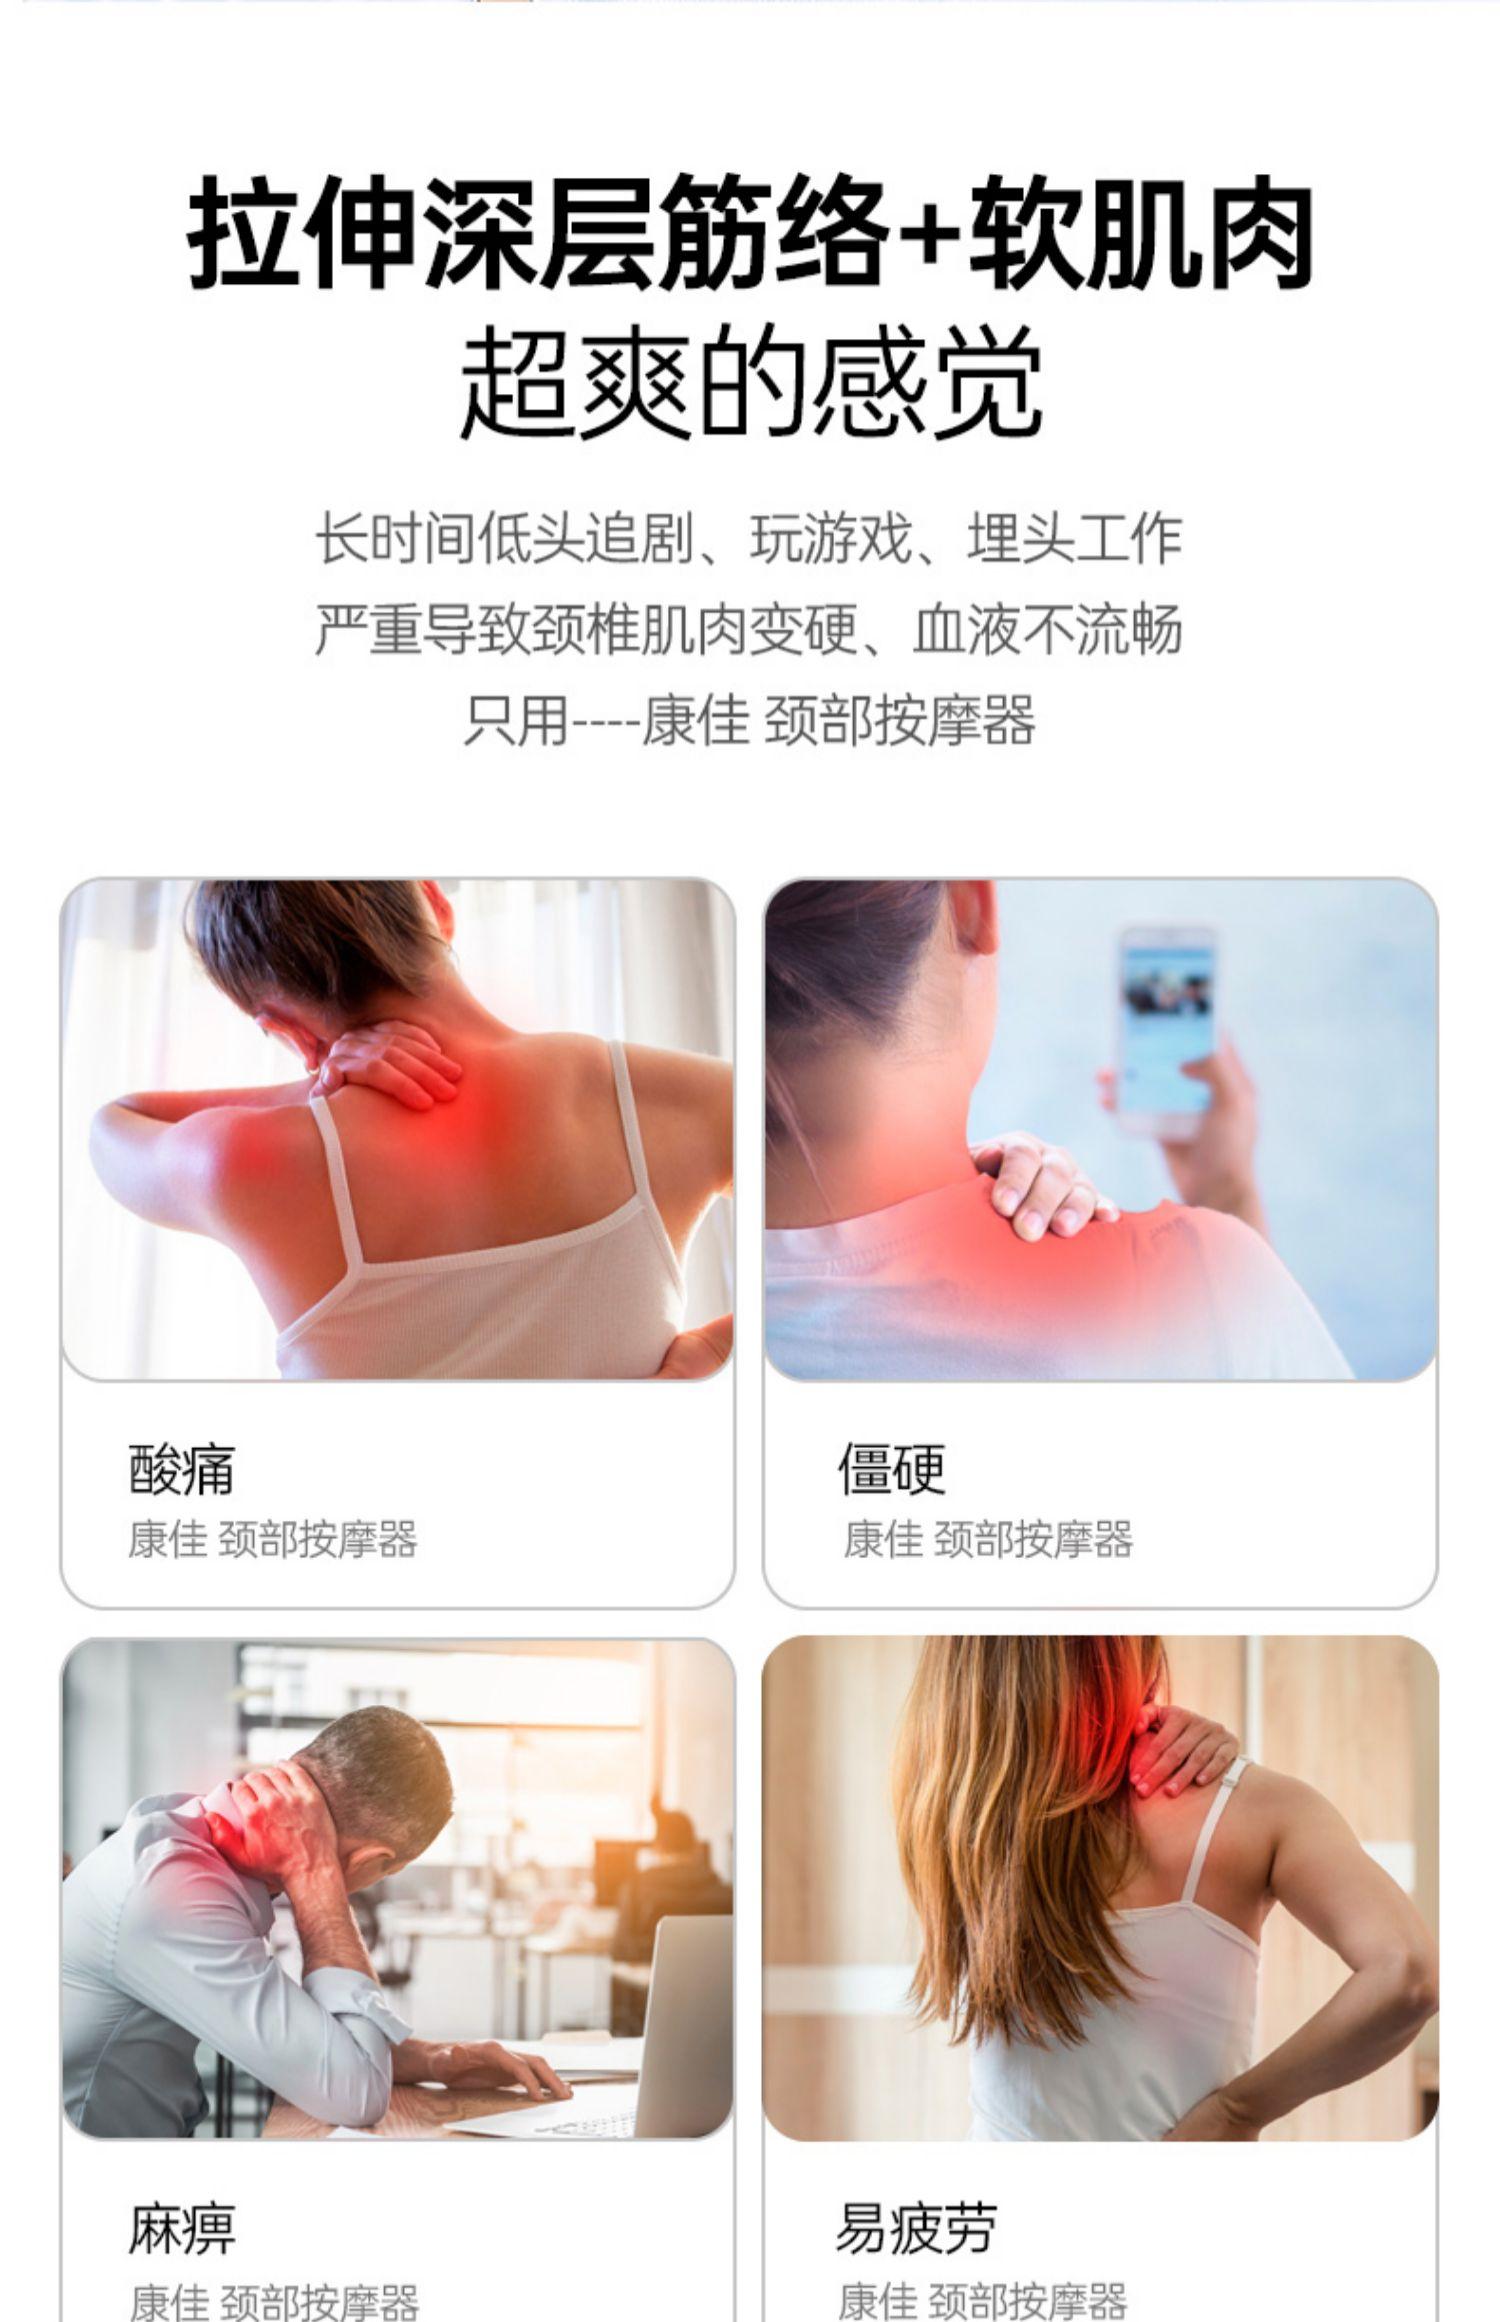 康佳颈椎颈部电动劲部理疗器按摩仪